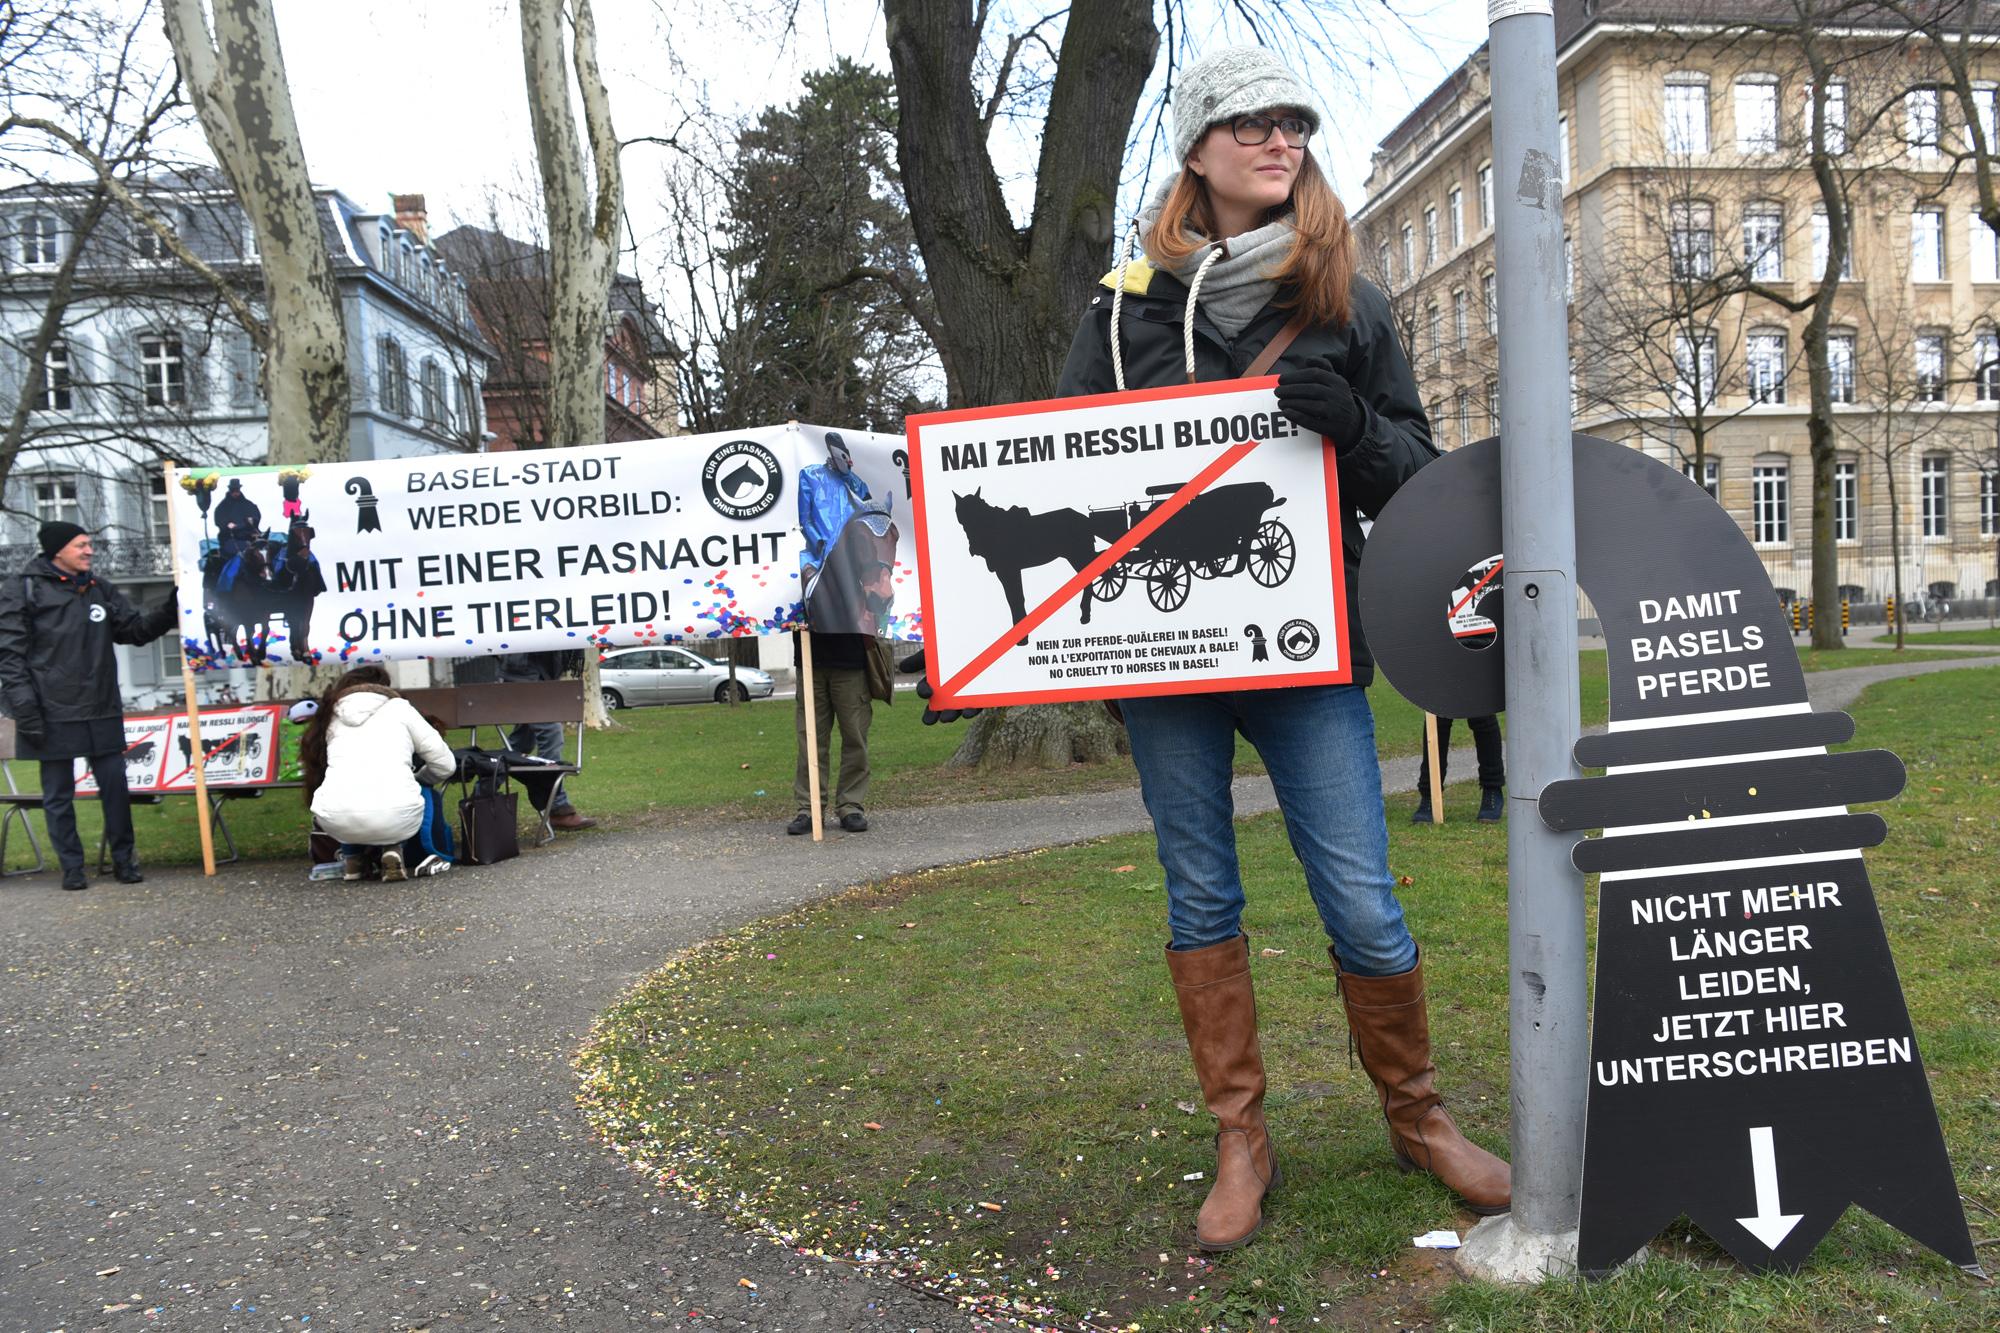 Tierschützer protestierten auch während der Fasnacht gegen den Einsatz von Pferden.